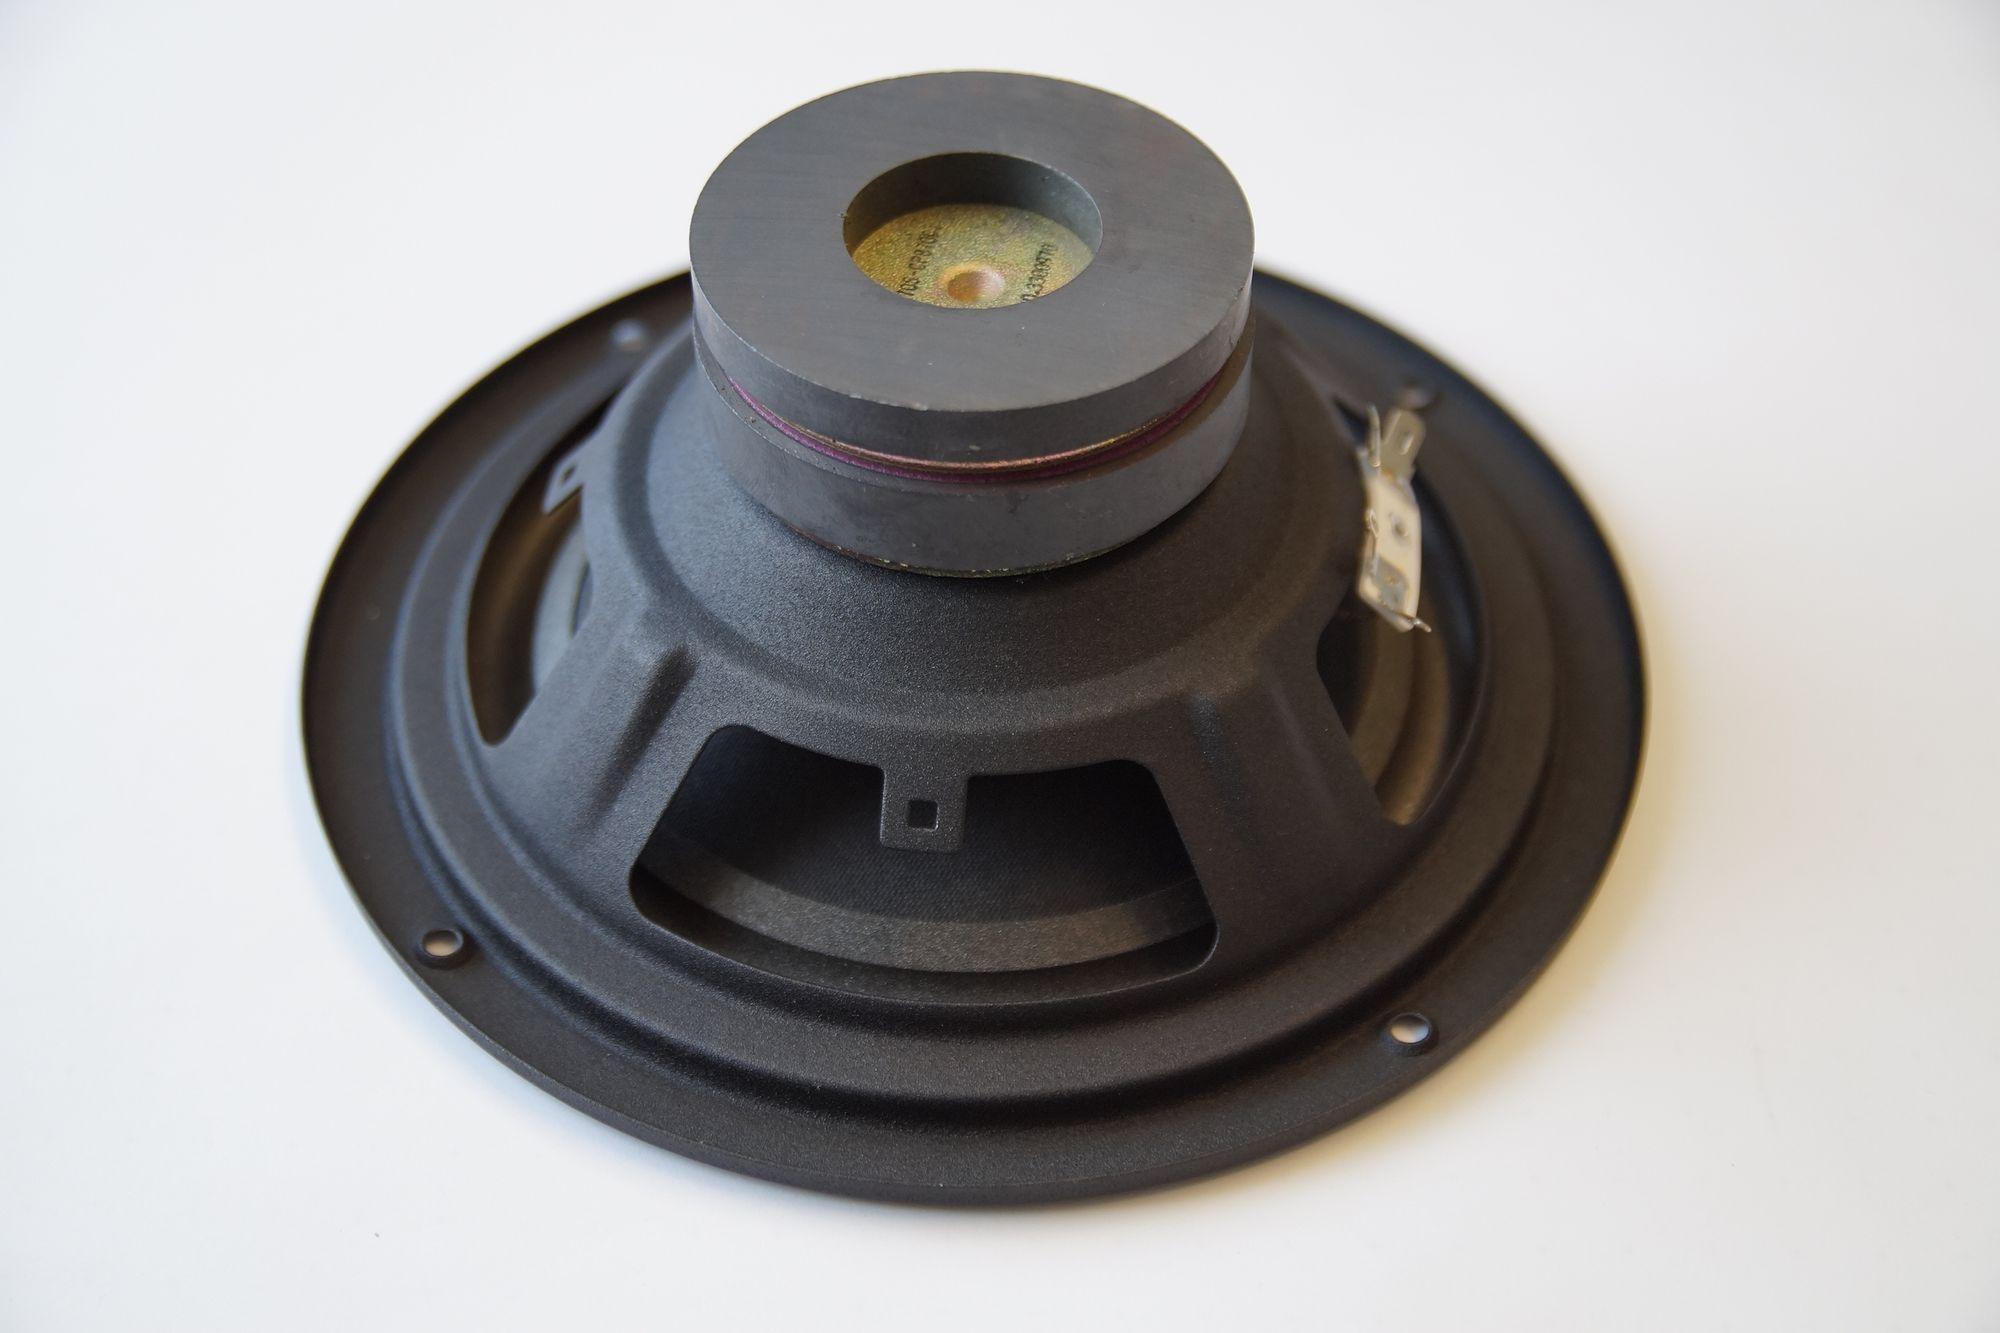 1 Stück Heco 170 mm Tiefmitteltöner HW 170 SCP 870 Dl Serviceware – Bild 2